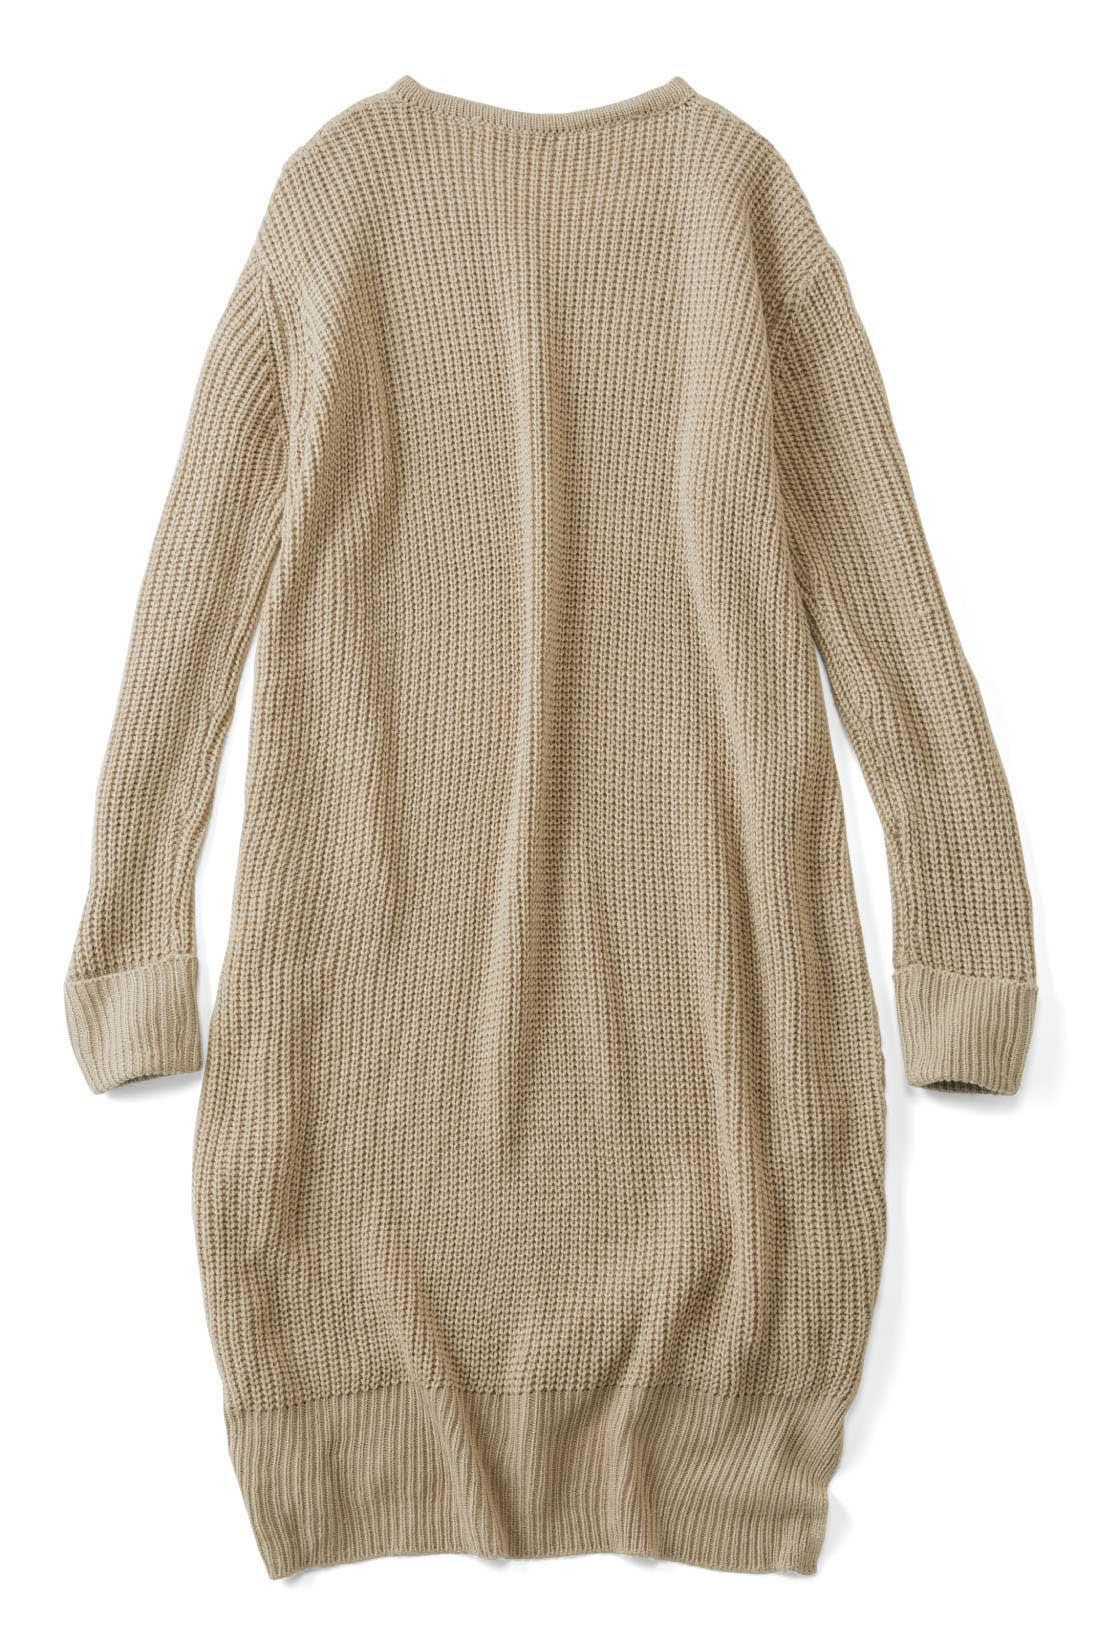 BACK 後ろと袖は、あぜ編みを裏遣いしてすっきり。